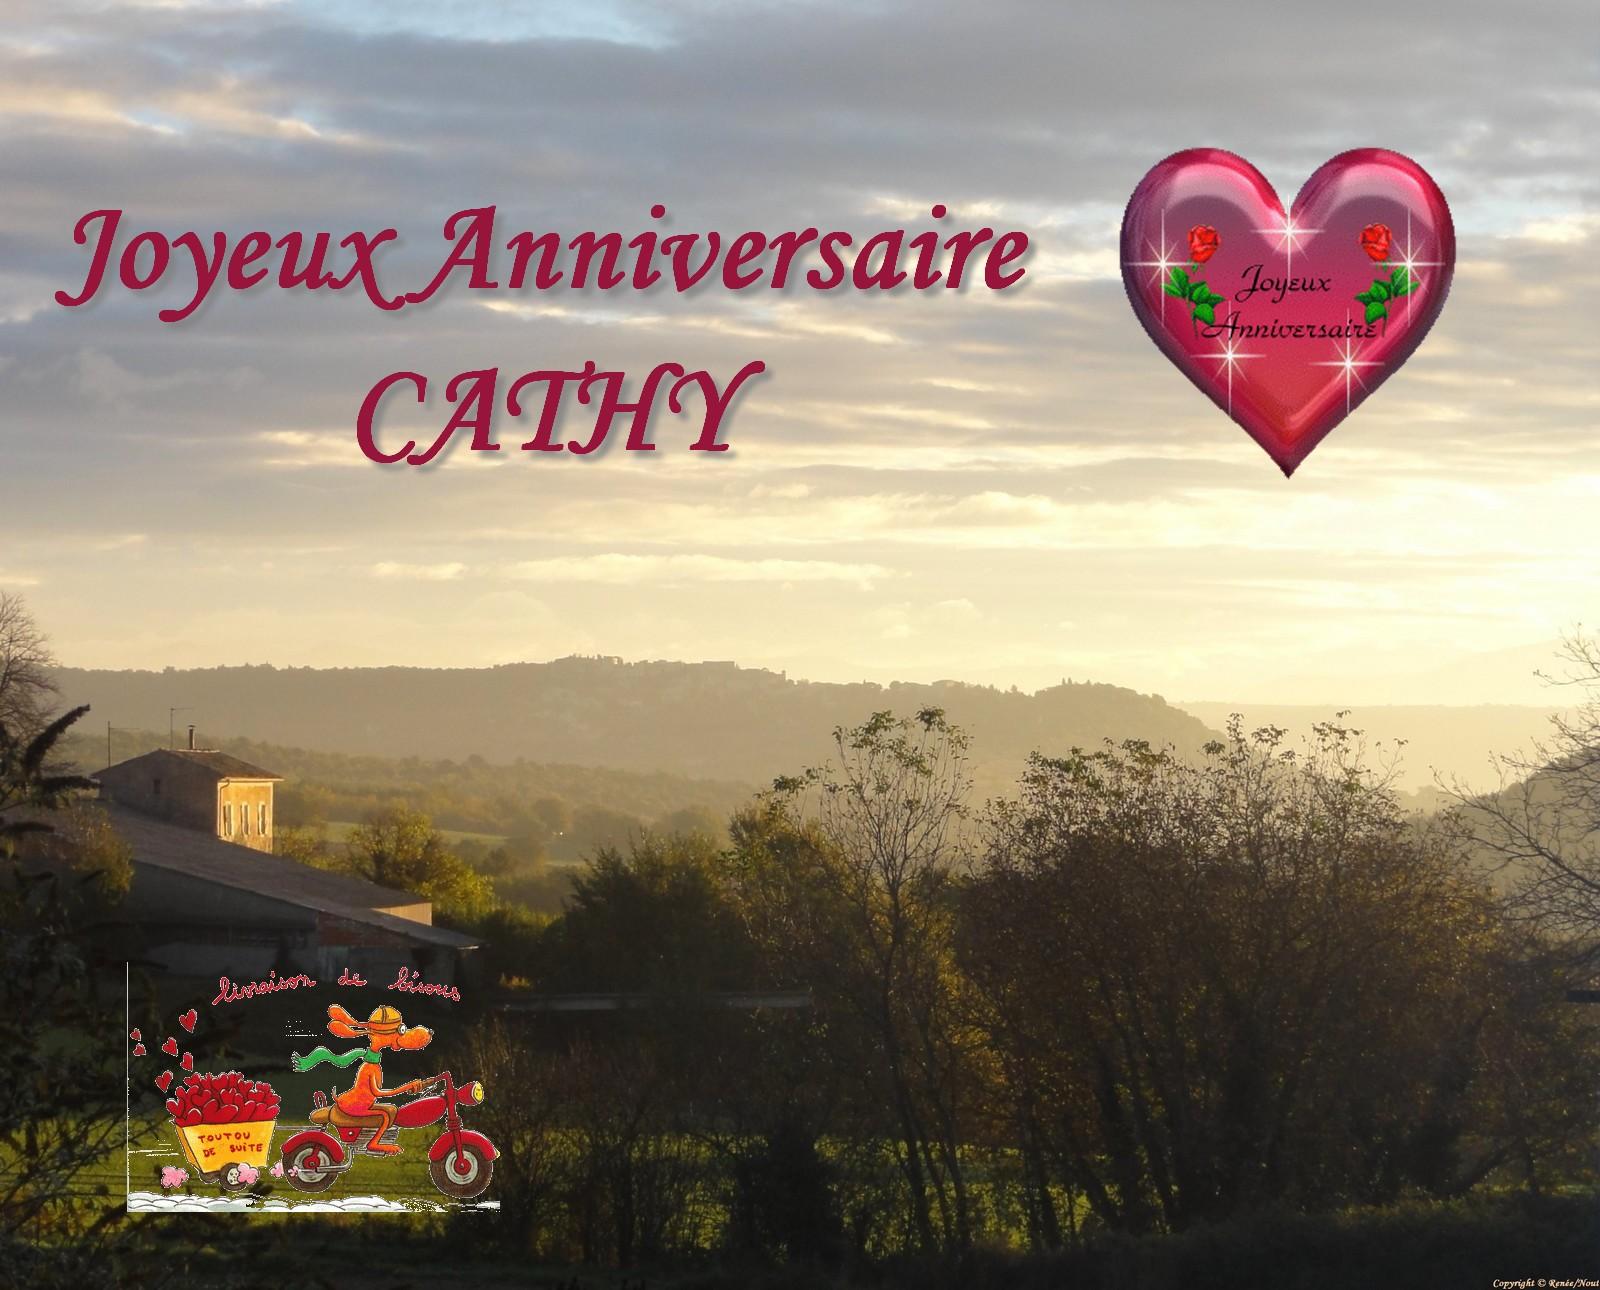 Joyeux Anniversaire Cathy Le Coin Detente